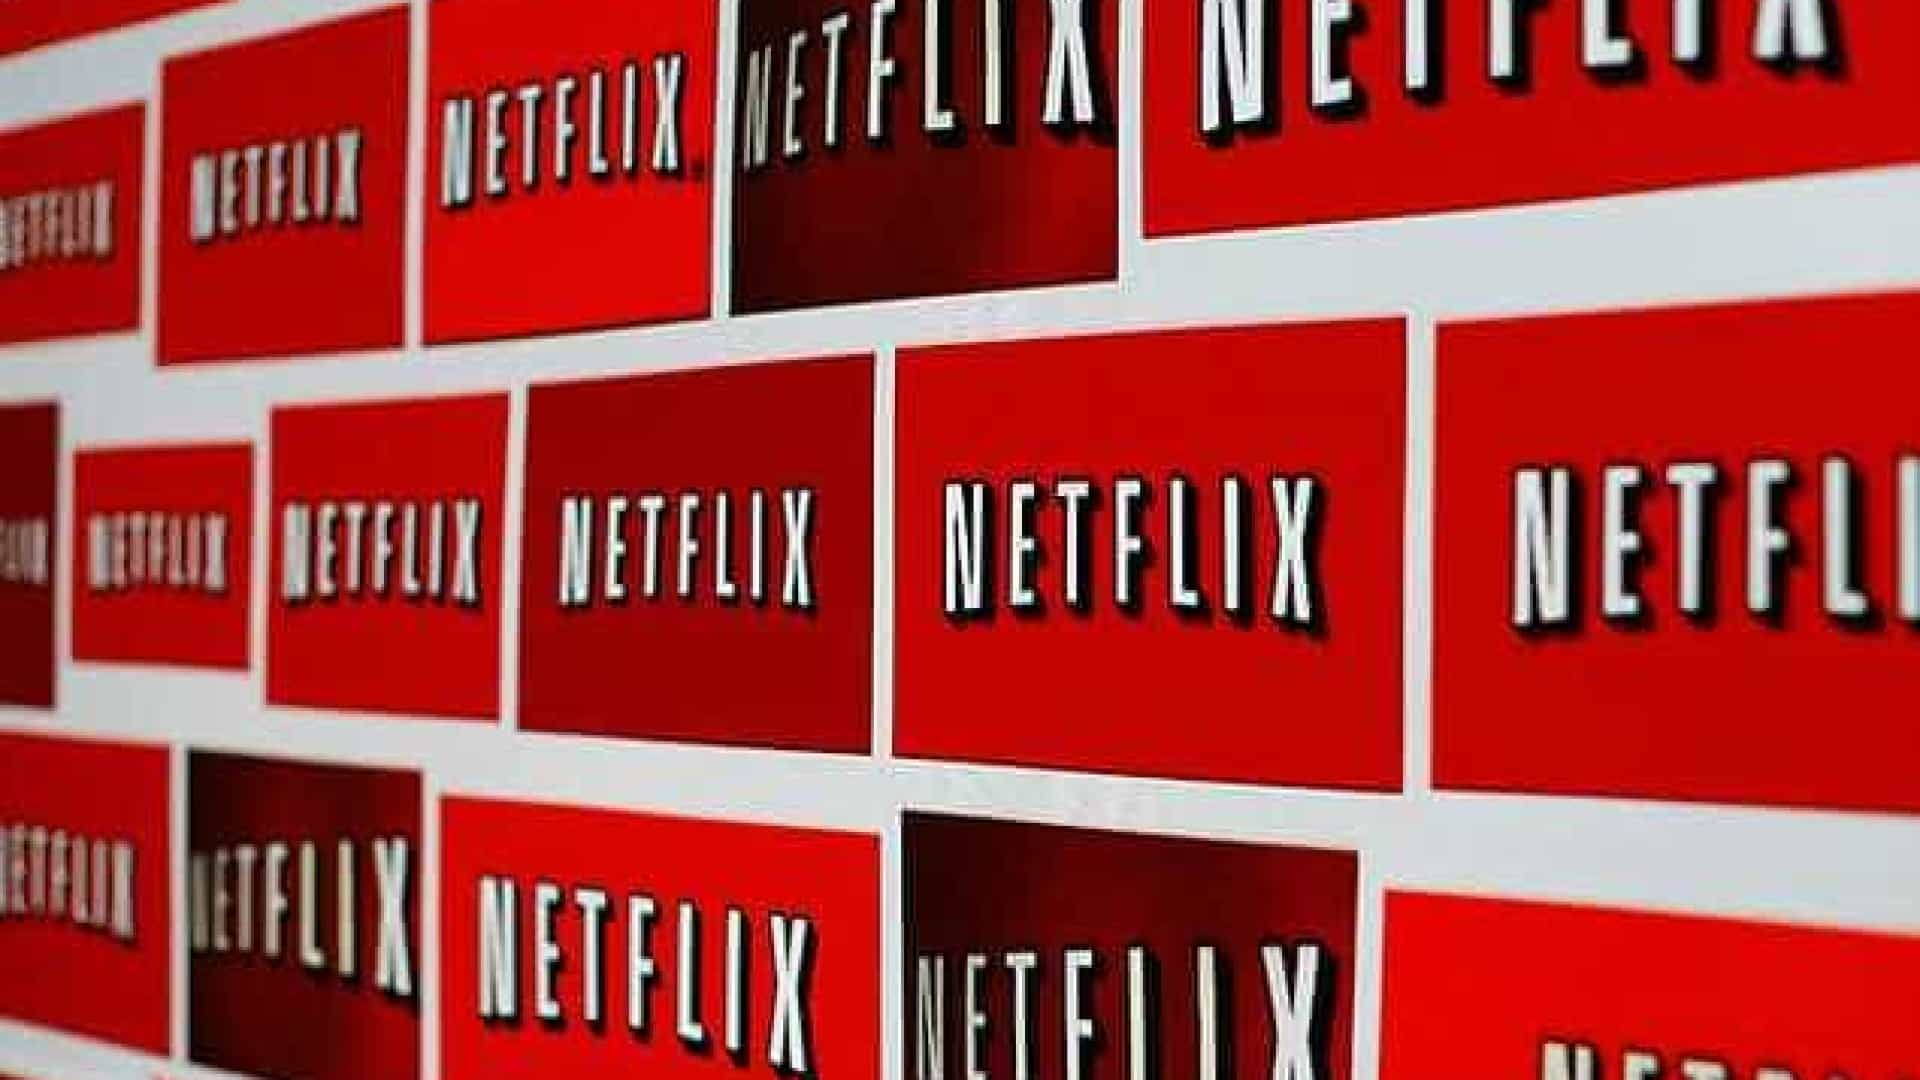 Conheça as séries originais mais caras da Netflix